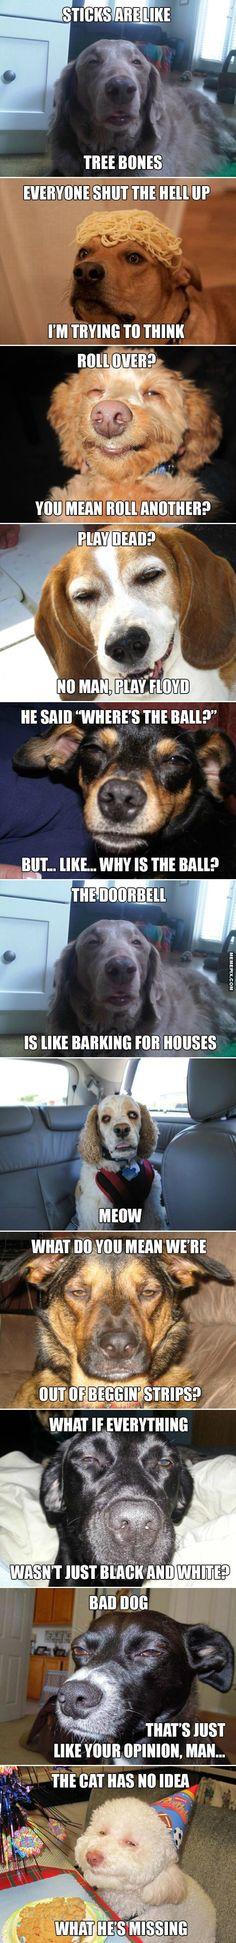 stoner dogs. bahaha.